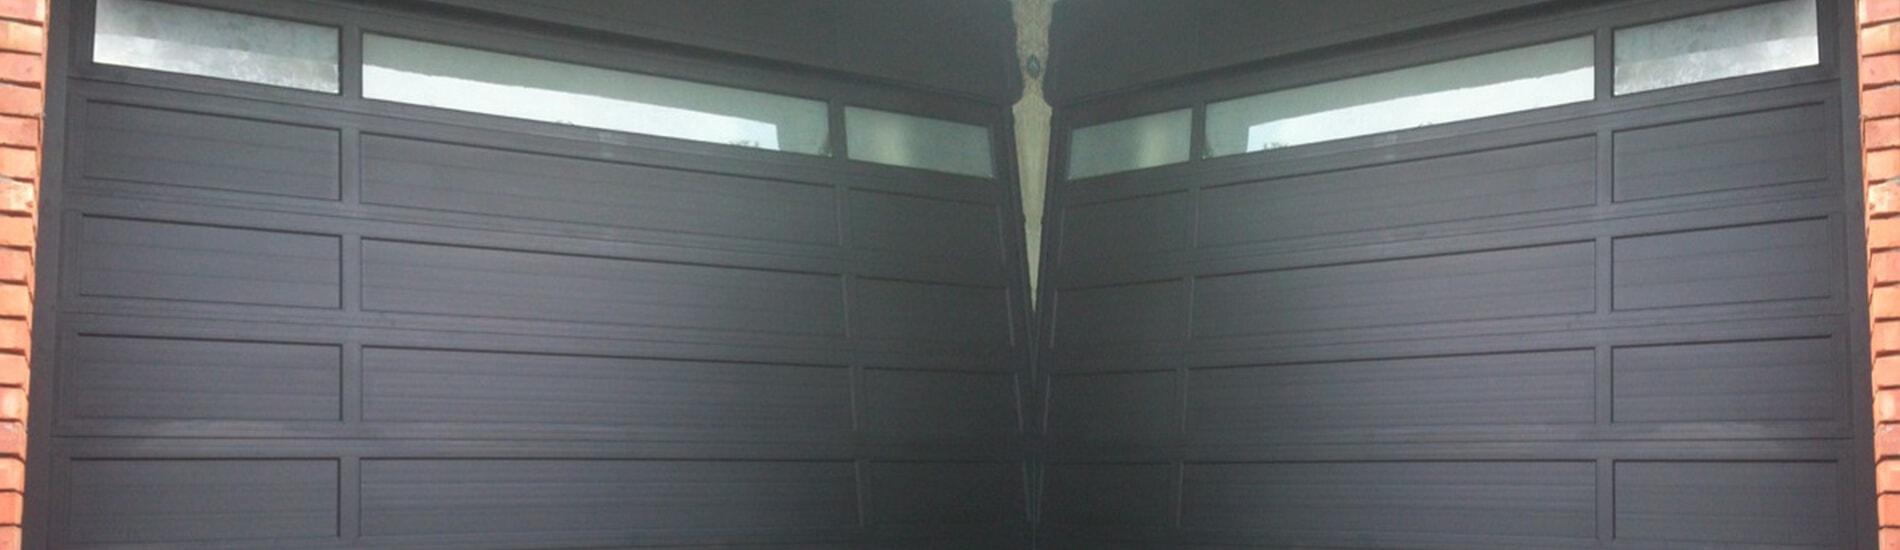 Garage Door Repairs Garage Door Services Melbourne